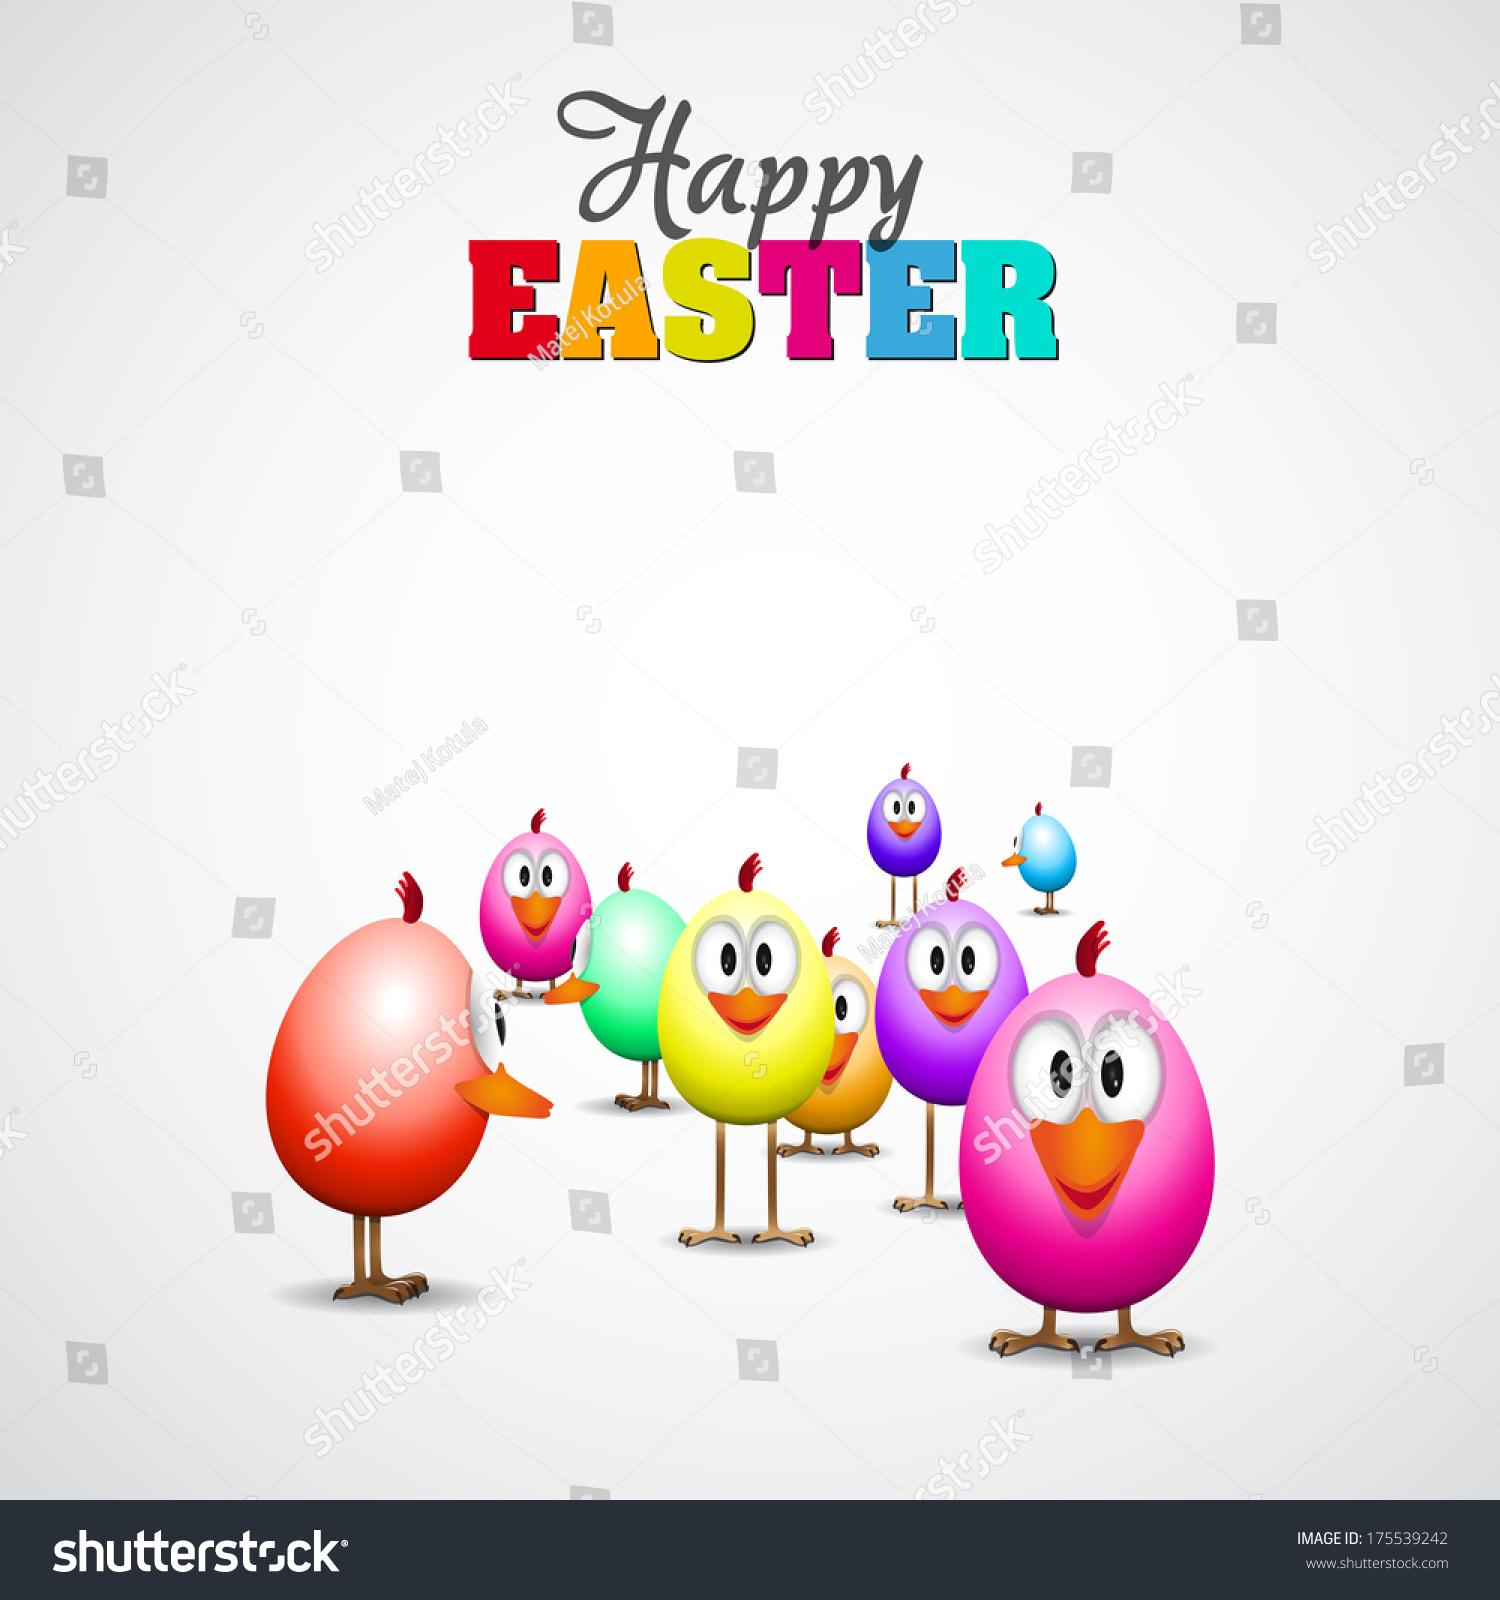 Funny Easter Eggs Chicks Background Illustration Stock